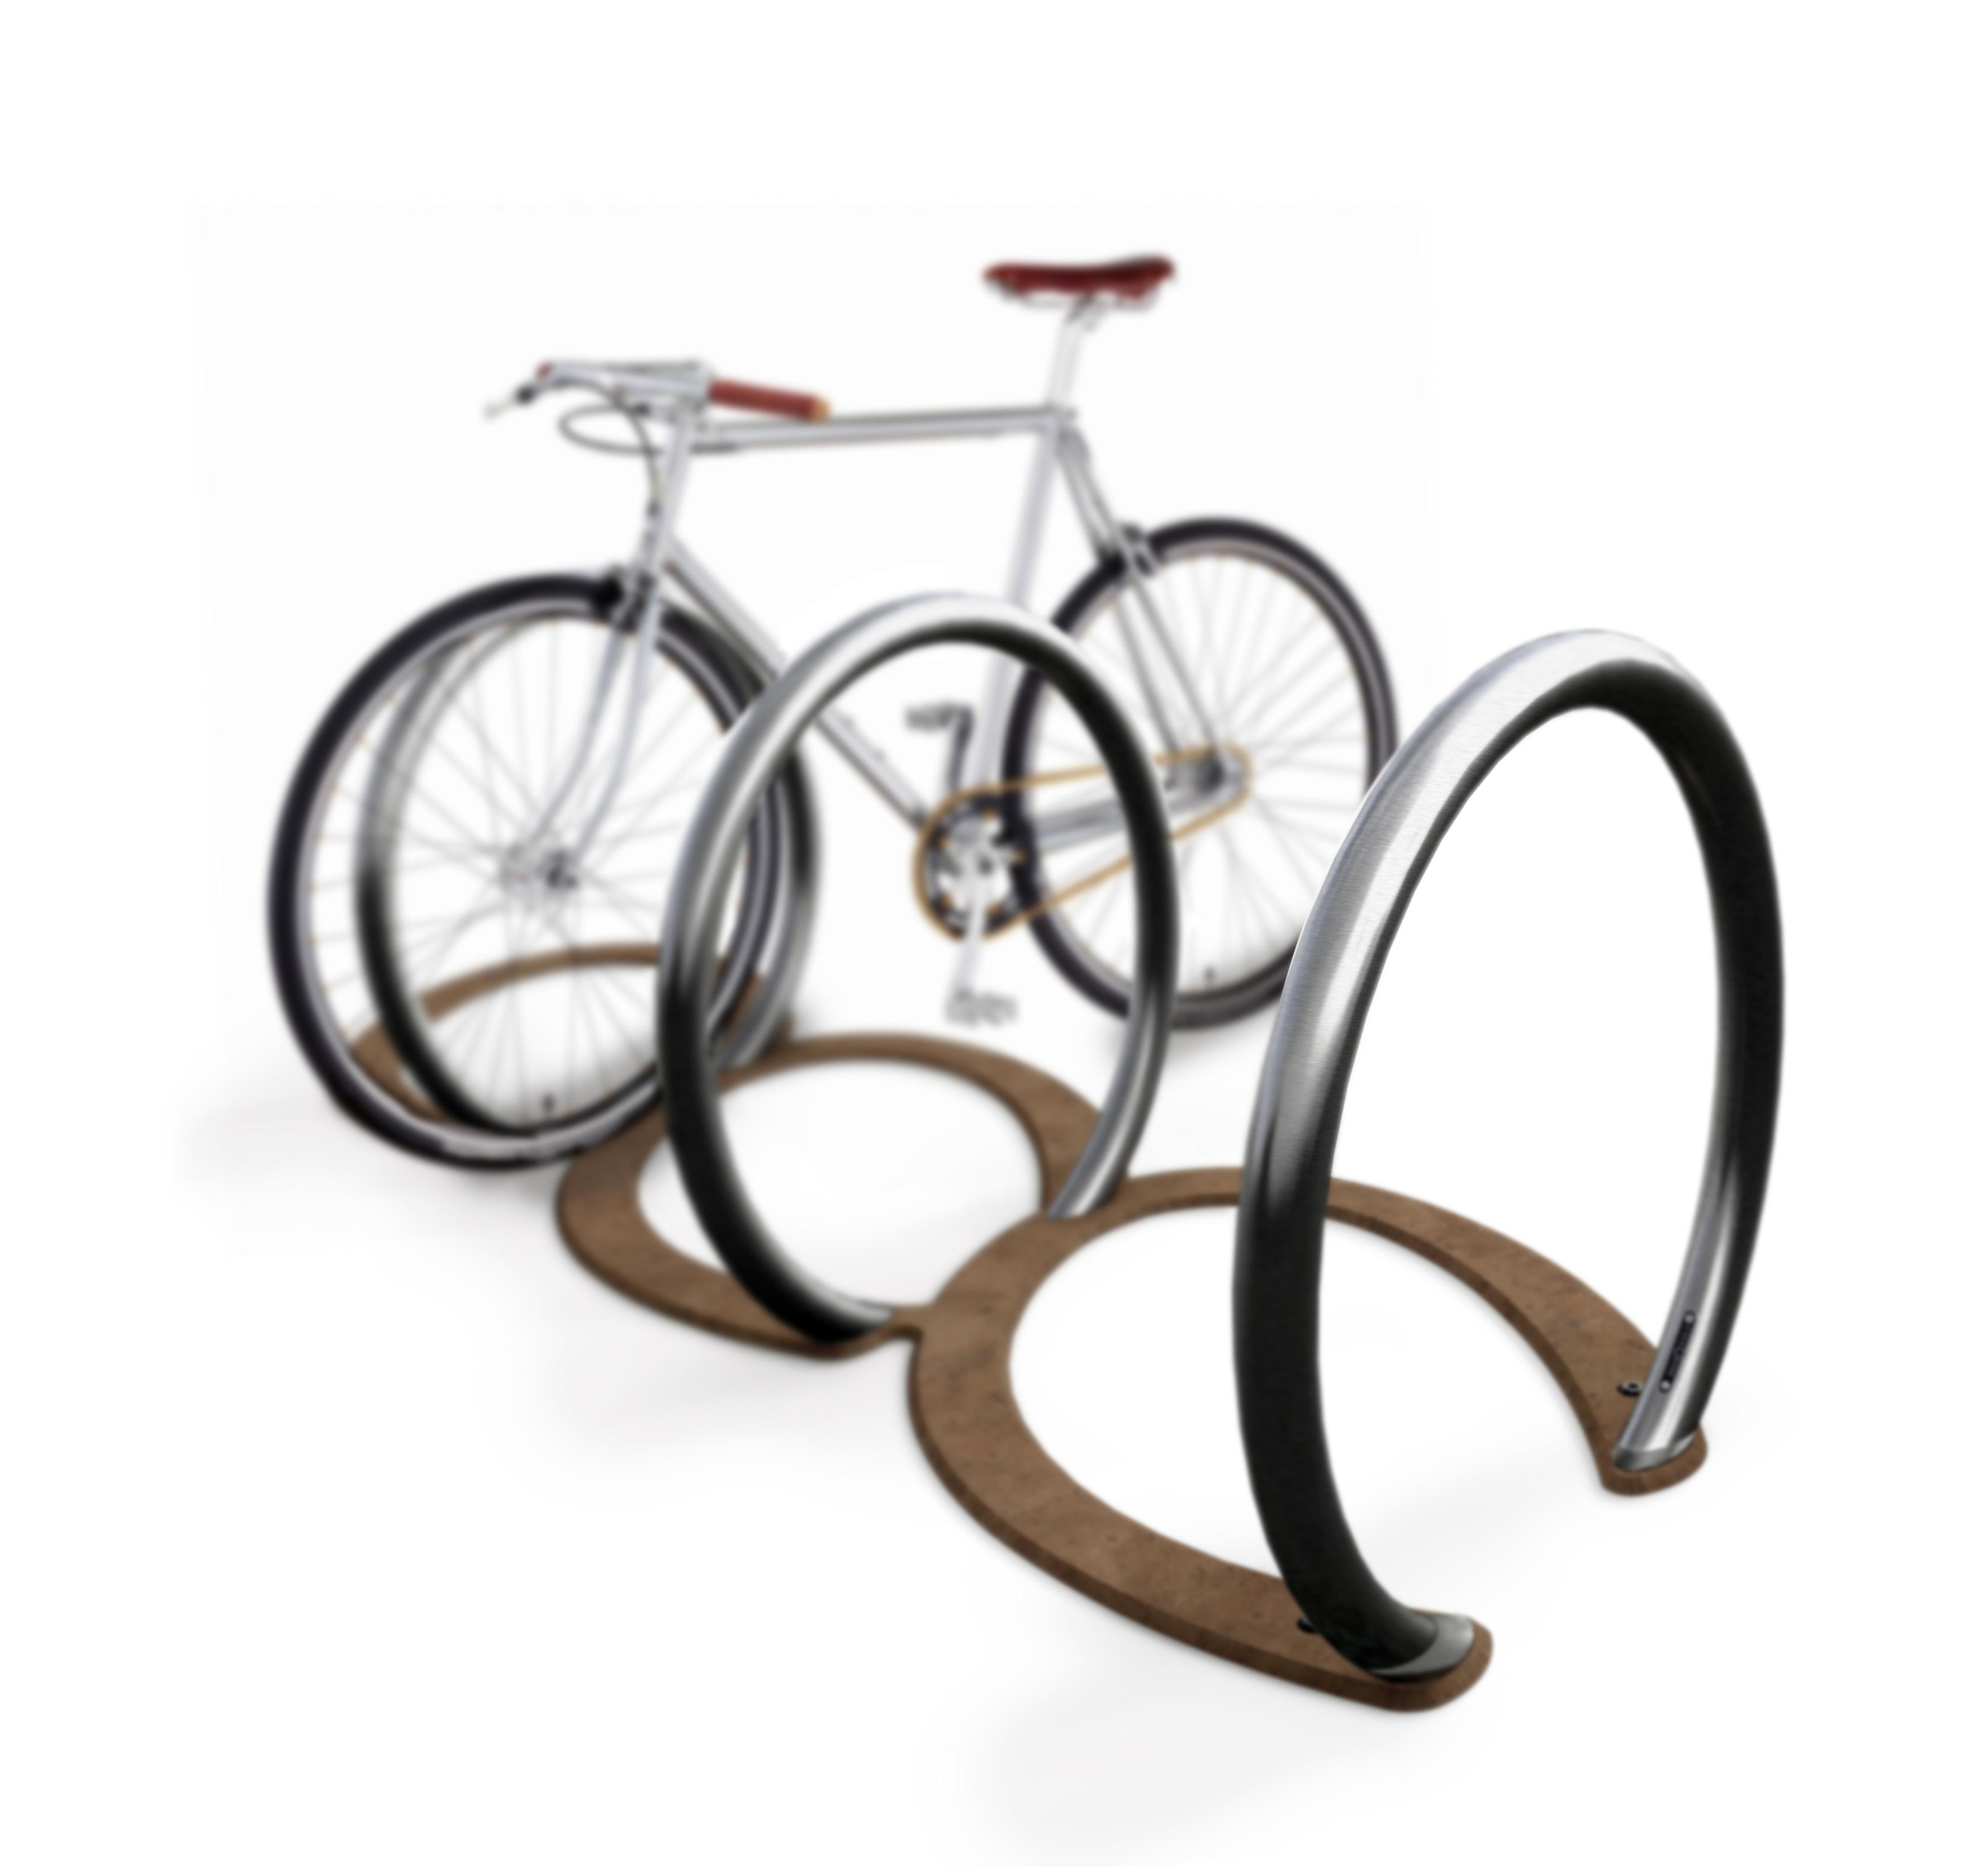 Cyclofixe